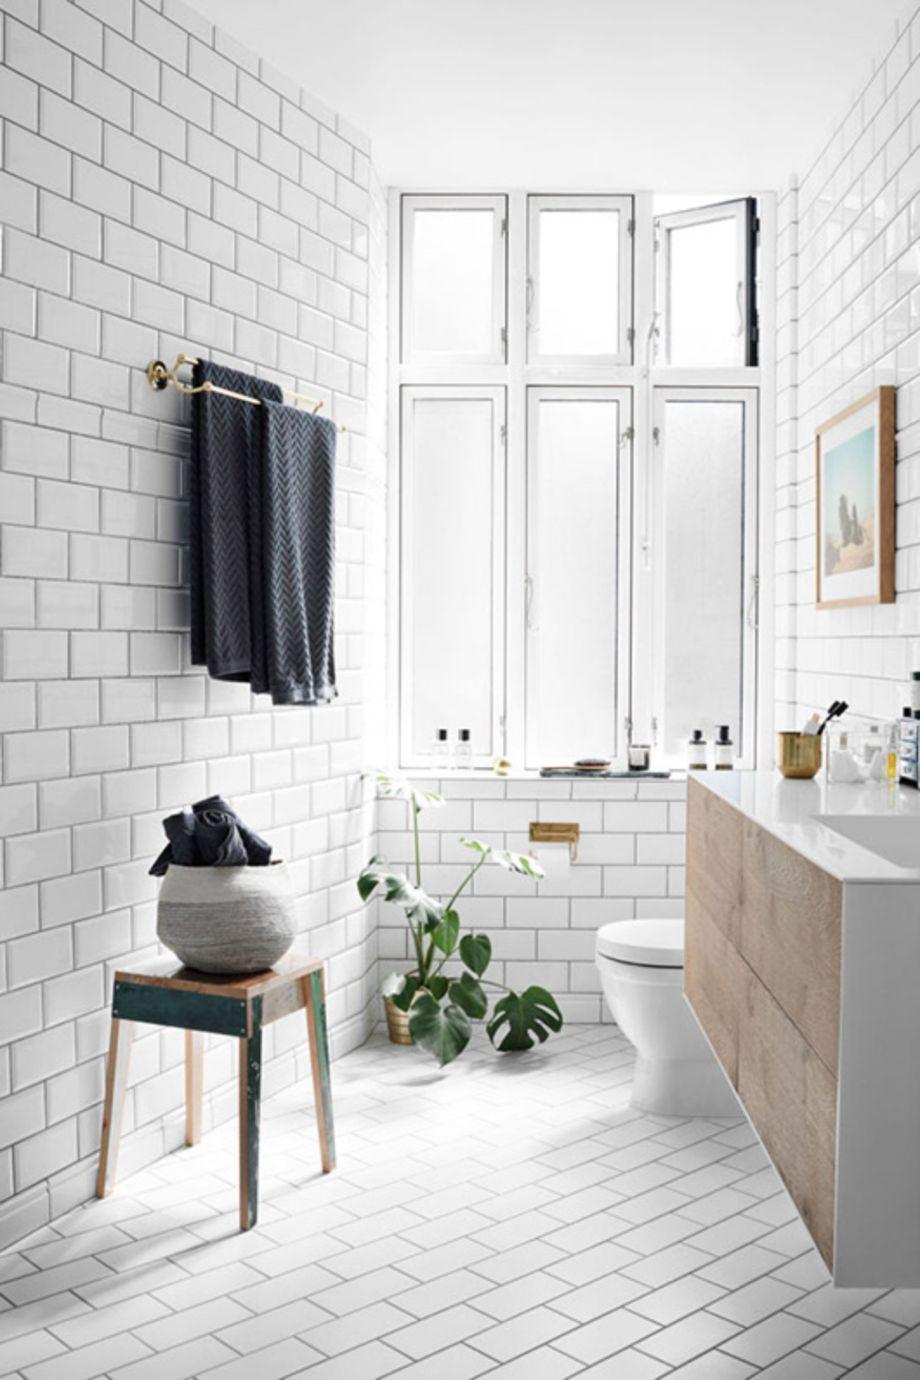 Stylish white subway tile bathroom 05 - Round Decor